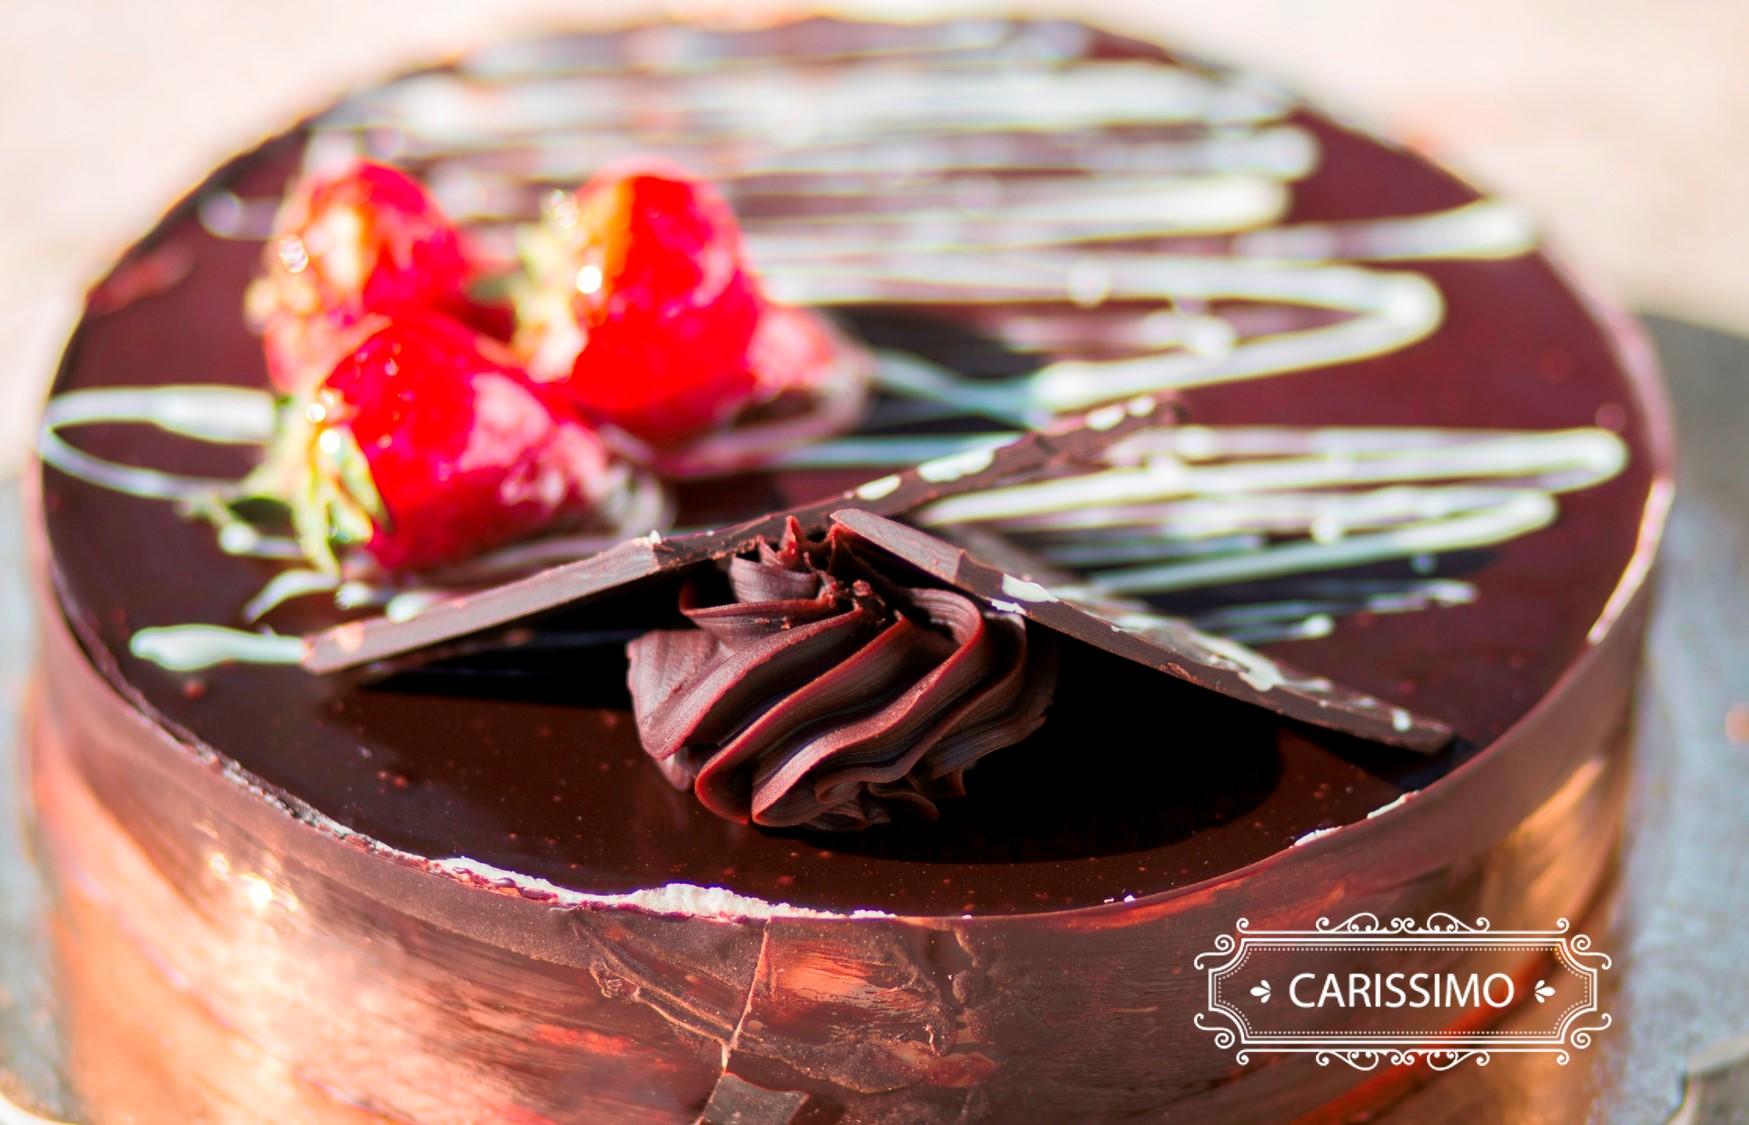 7,9€ από 14€ για Ολόφρεσκη Τούρτα Παγωτό 1.200gr, επιλογή από 3 γεύσεις, στο εργαστήριο ζαχαροπλαστικής ''Carissimo'' στον Περισσό!